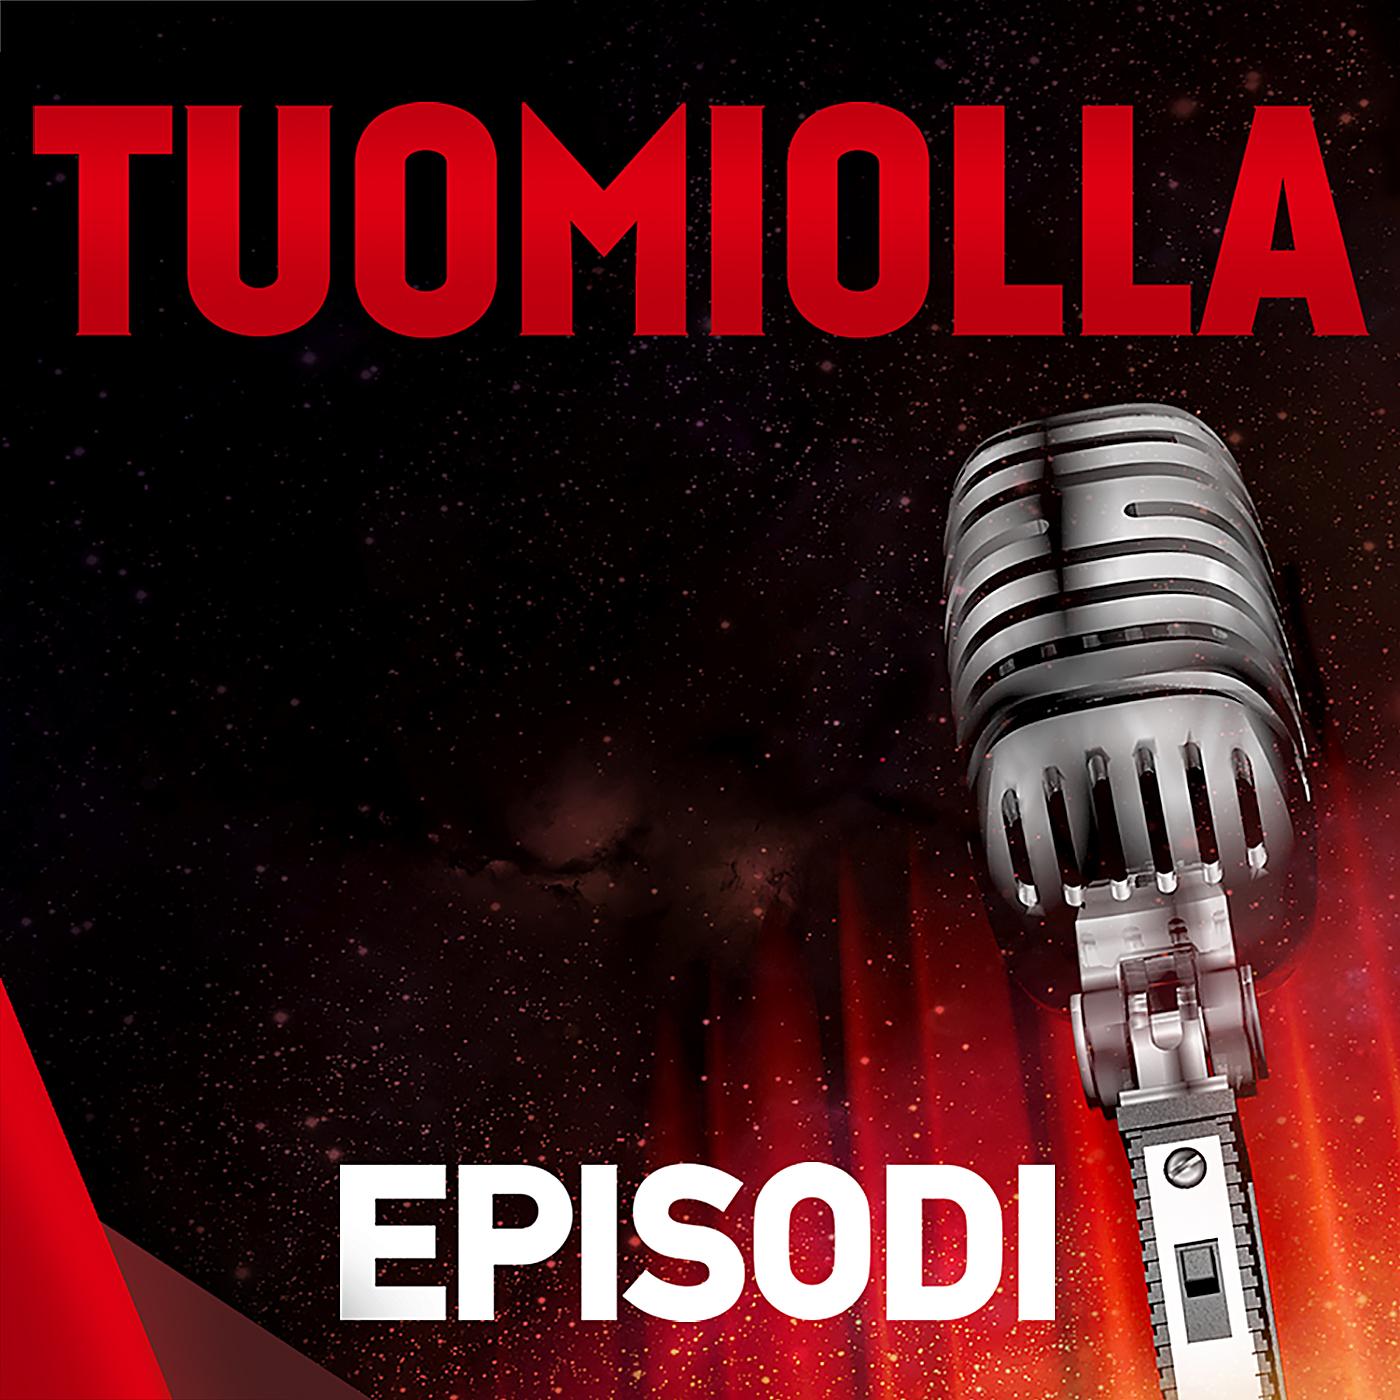 Episodi Tuomiolla